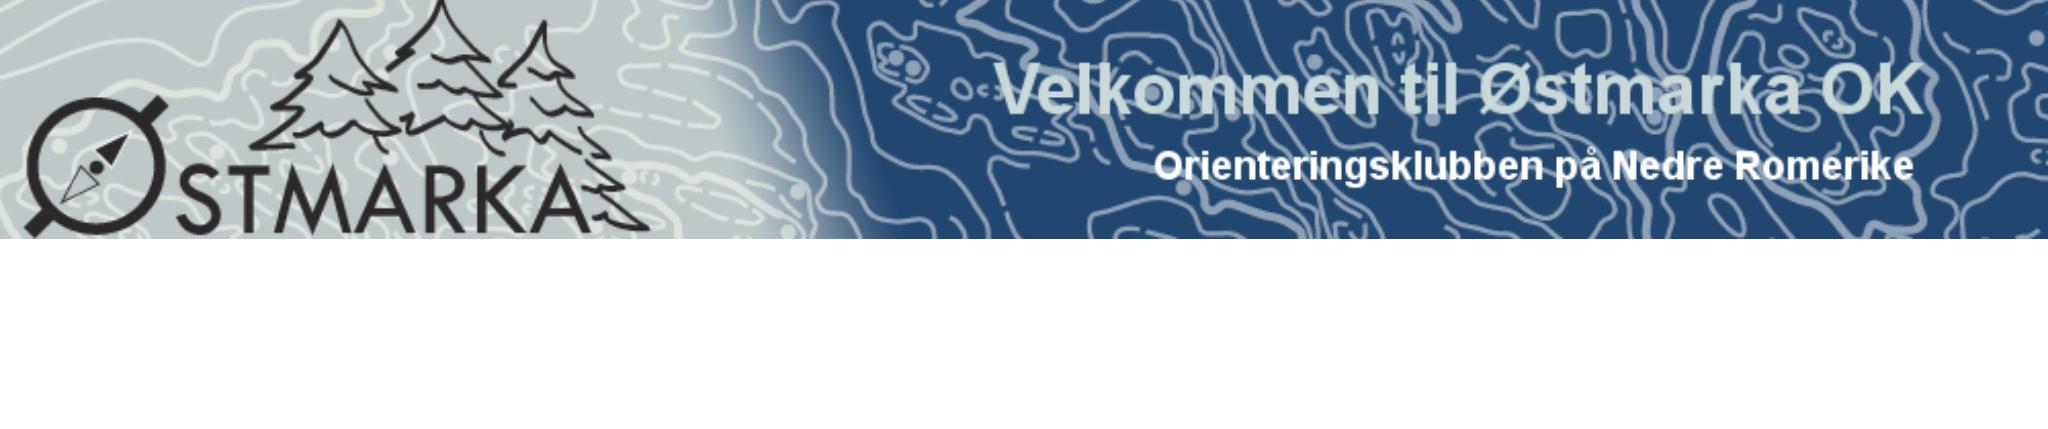 Gammel logo Østmarka OK